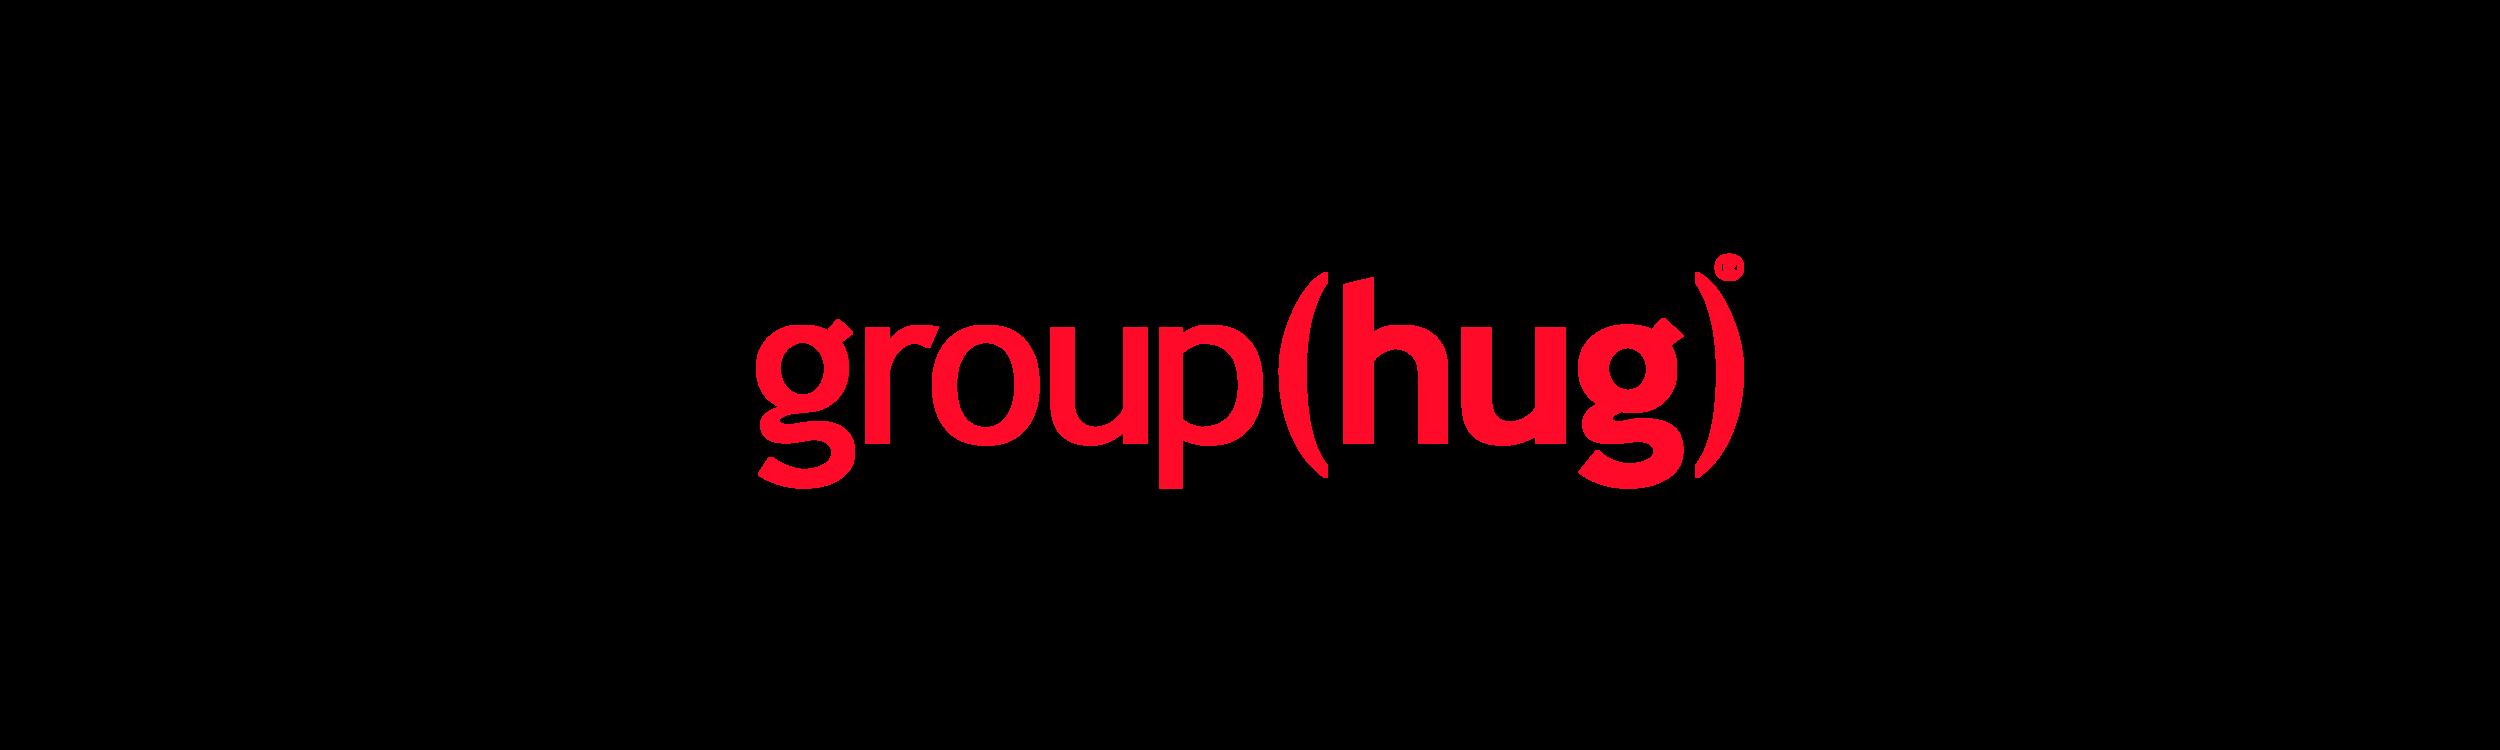 Group-Hug-Banner.png